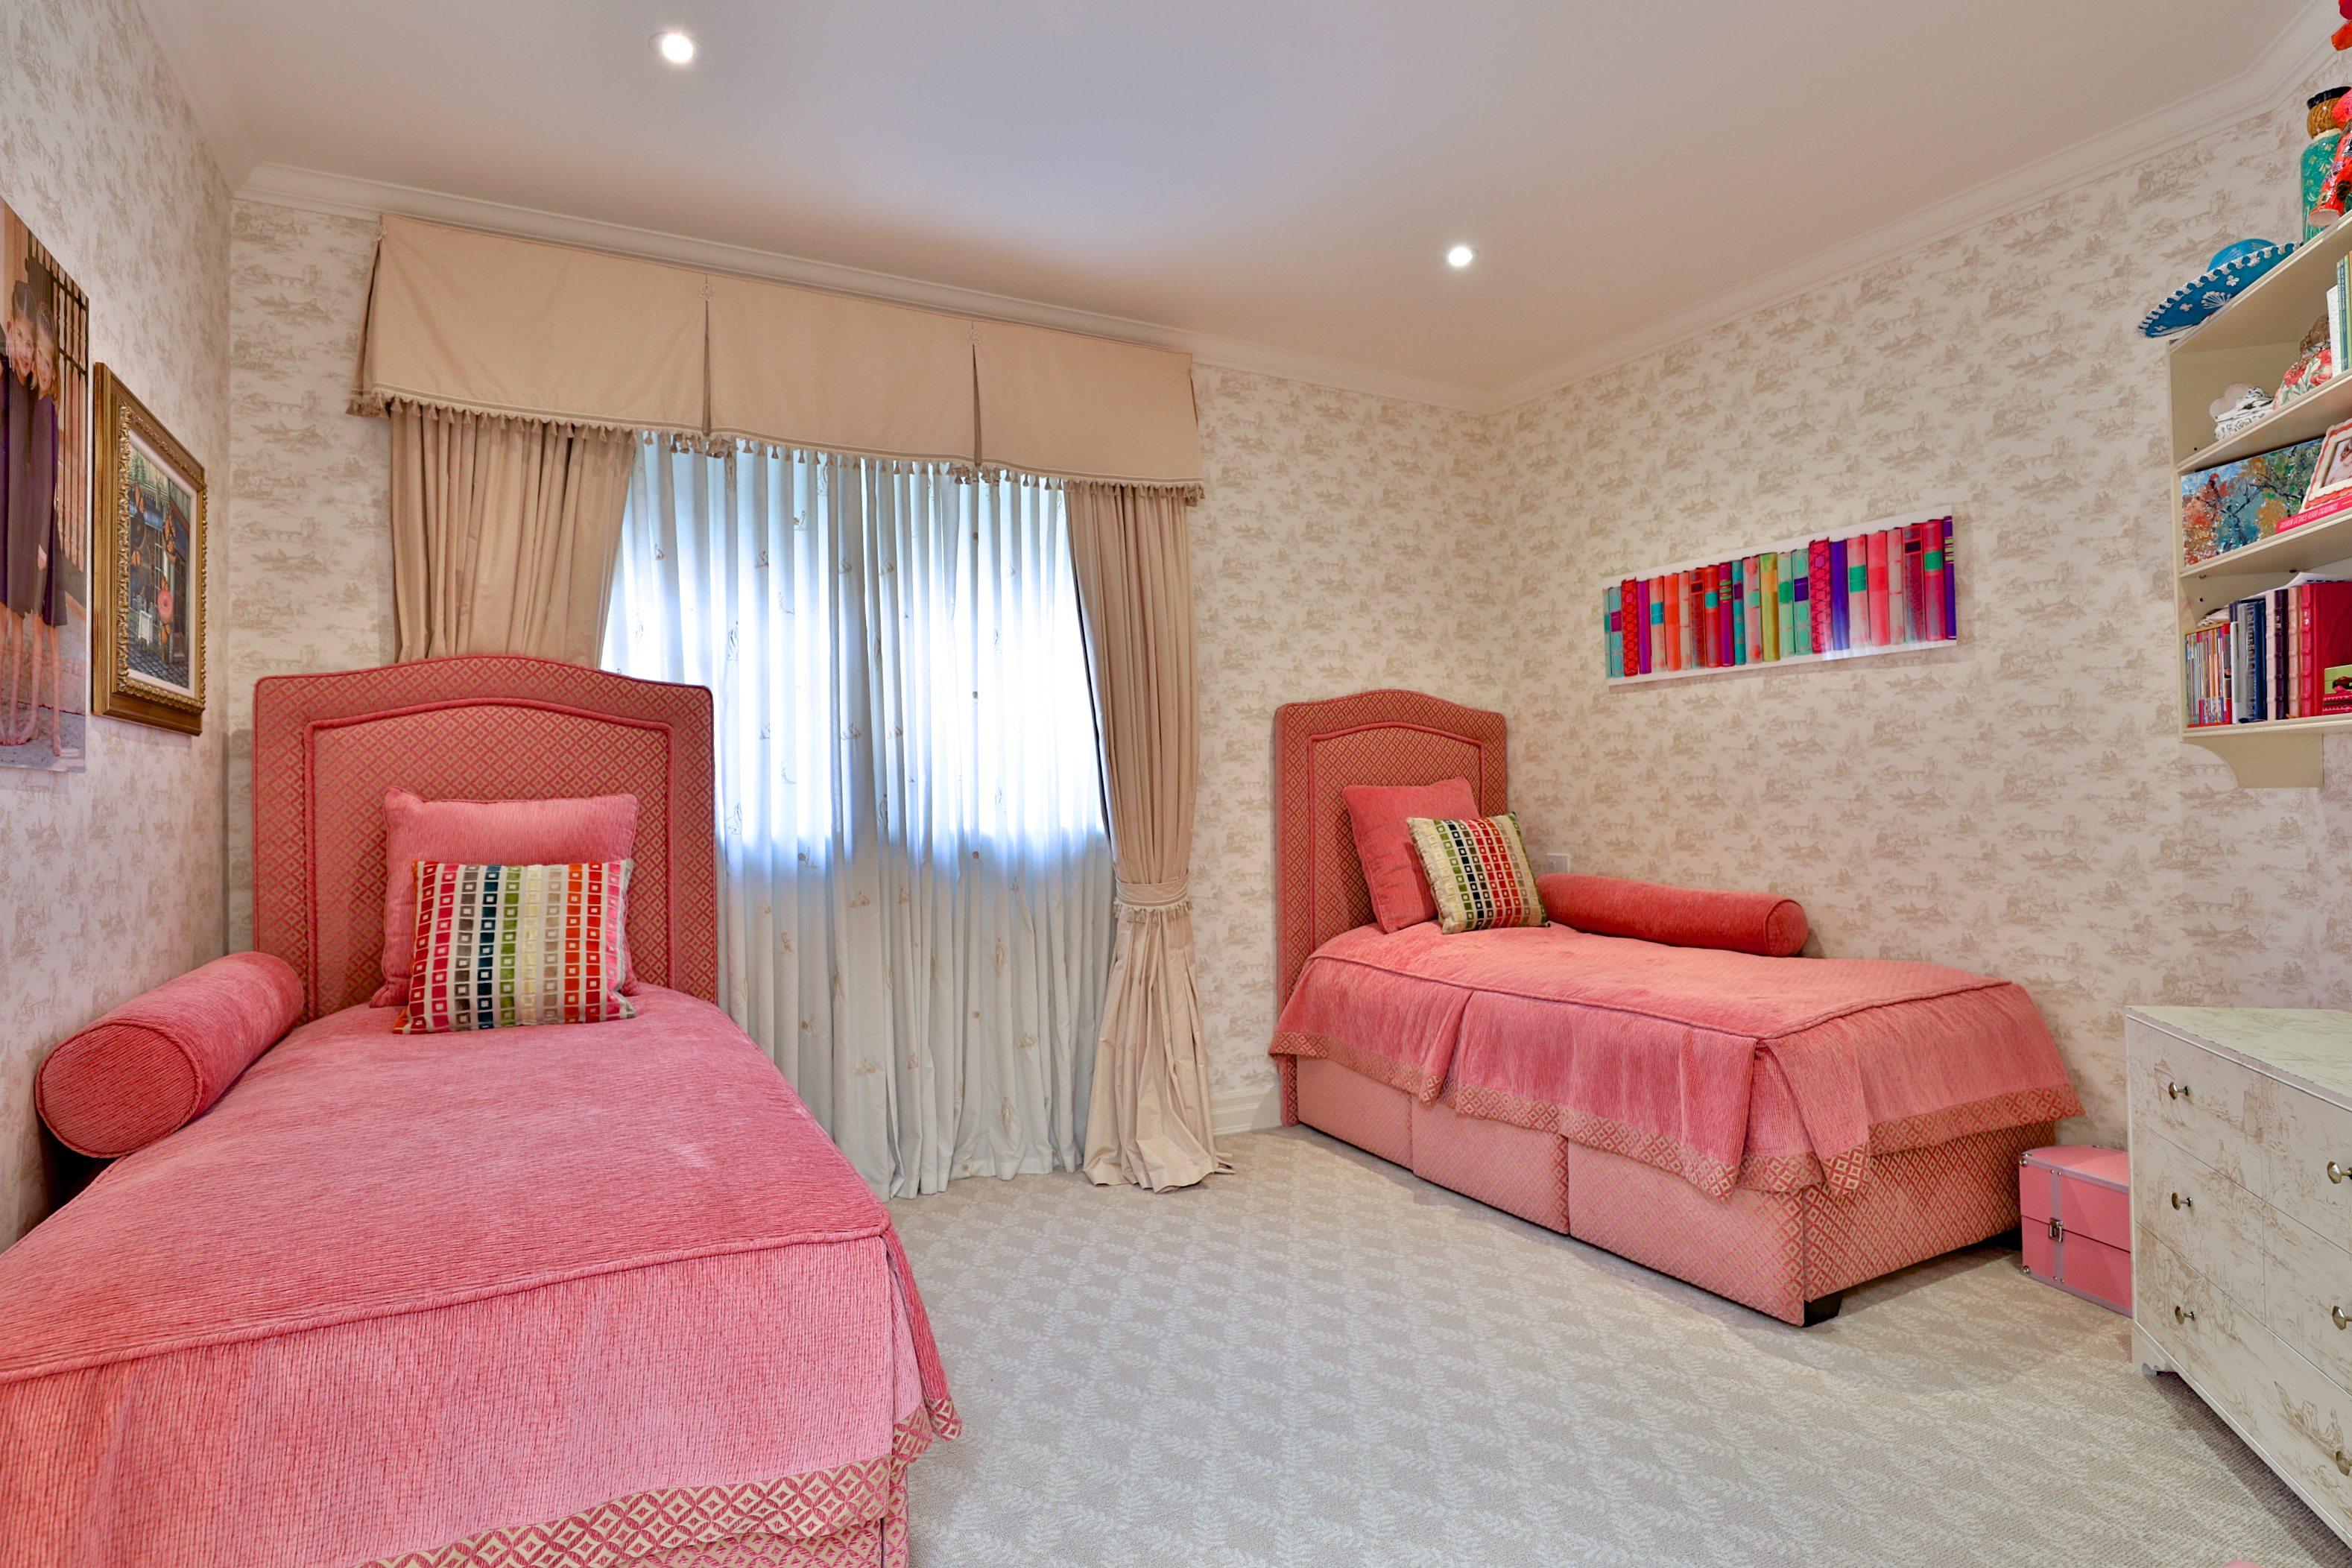 toronto-house-sold-202-hillhurst-boulevard-9